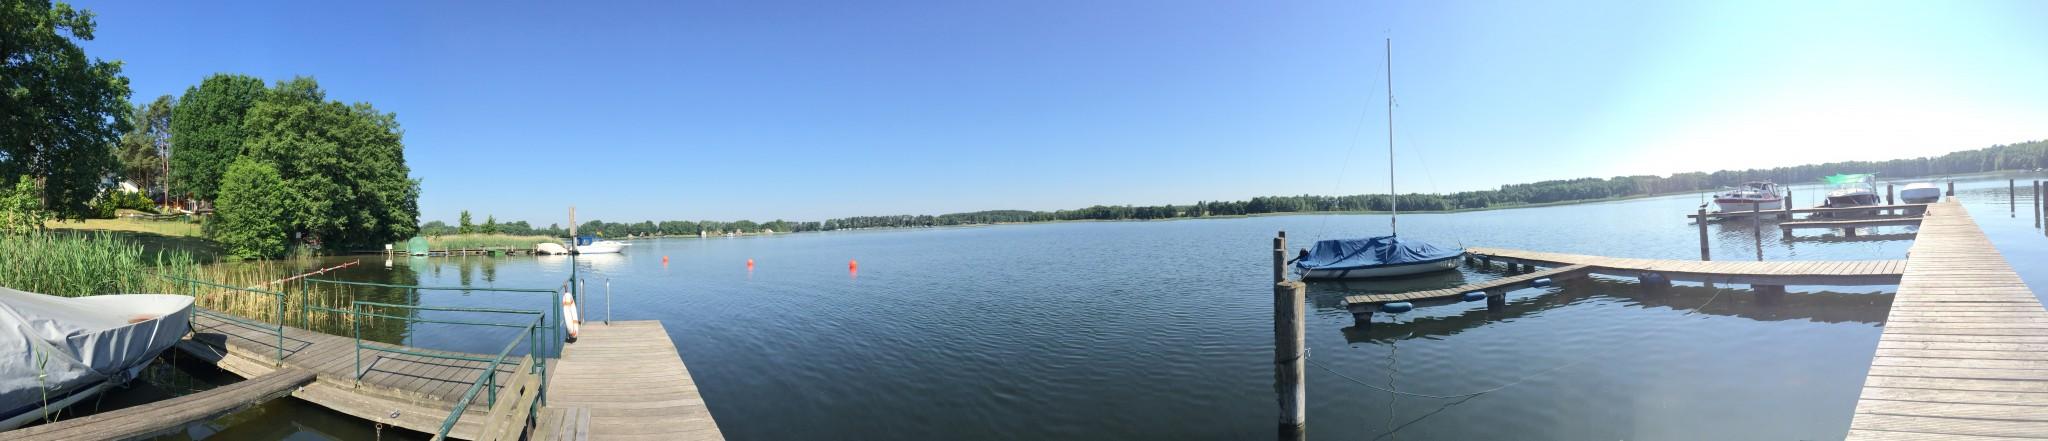 Kleiner Pälitzsee Sommer 2016